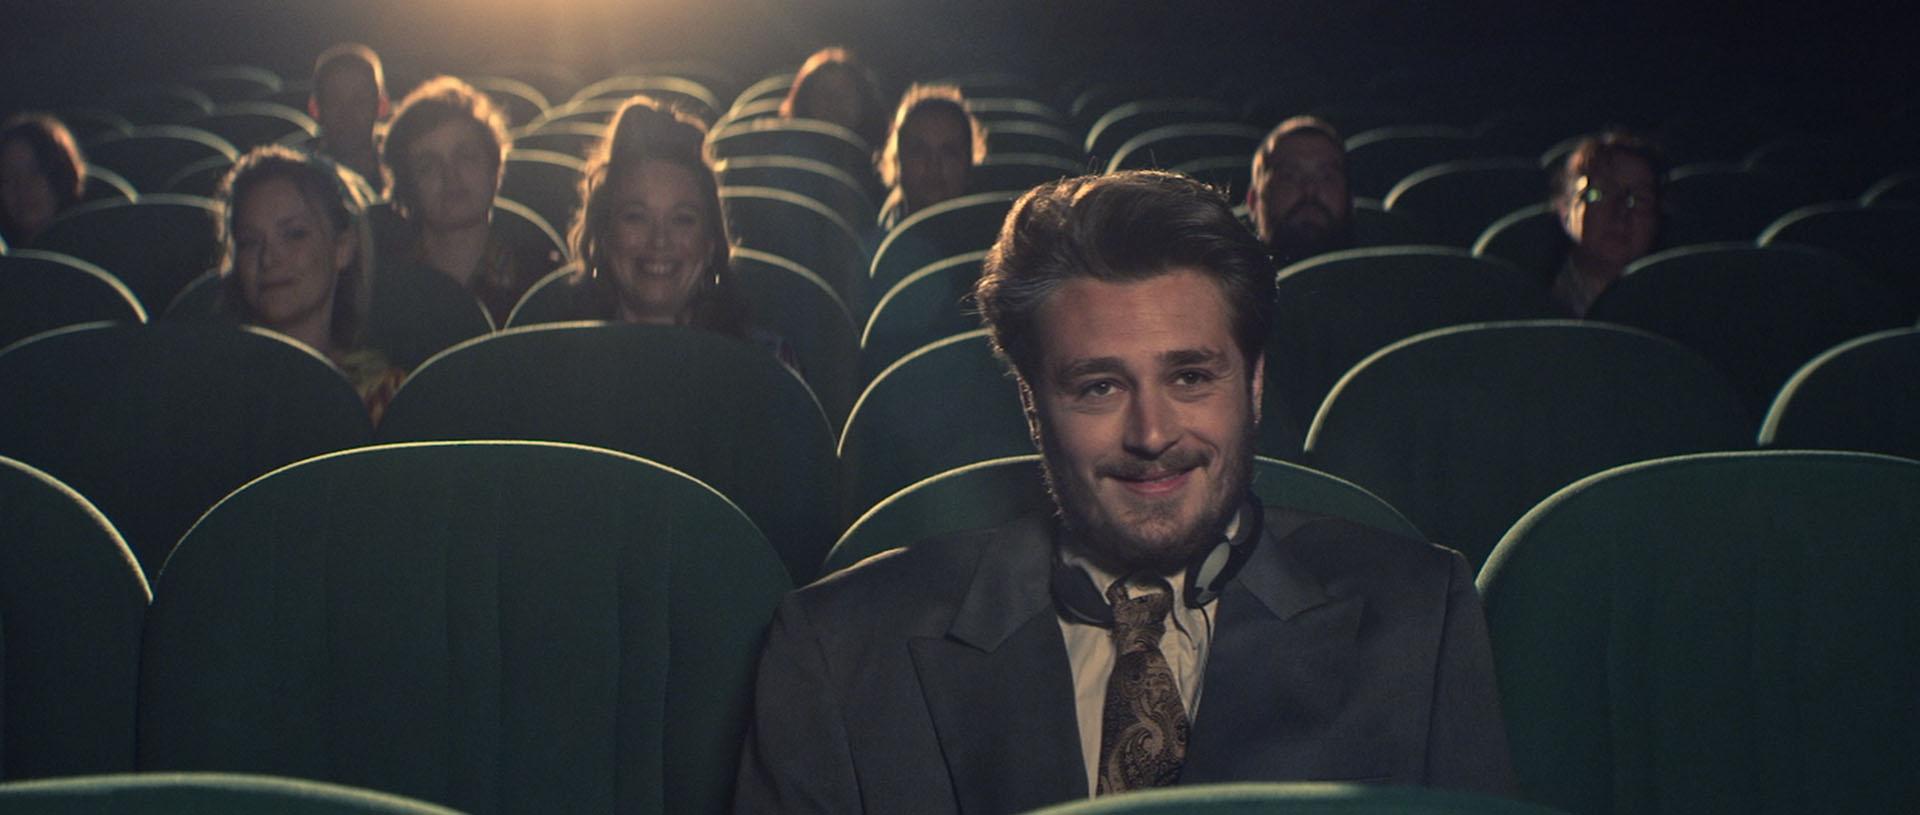 Smile court métrage Paul Valy